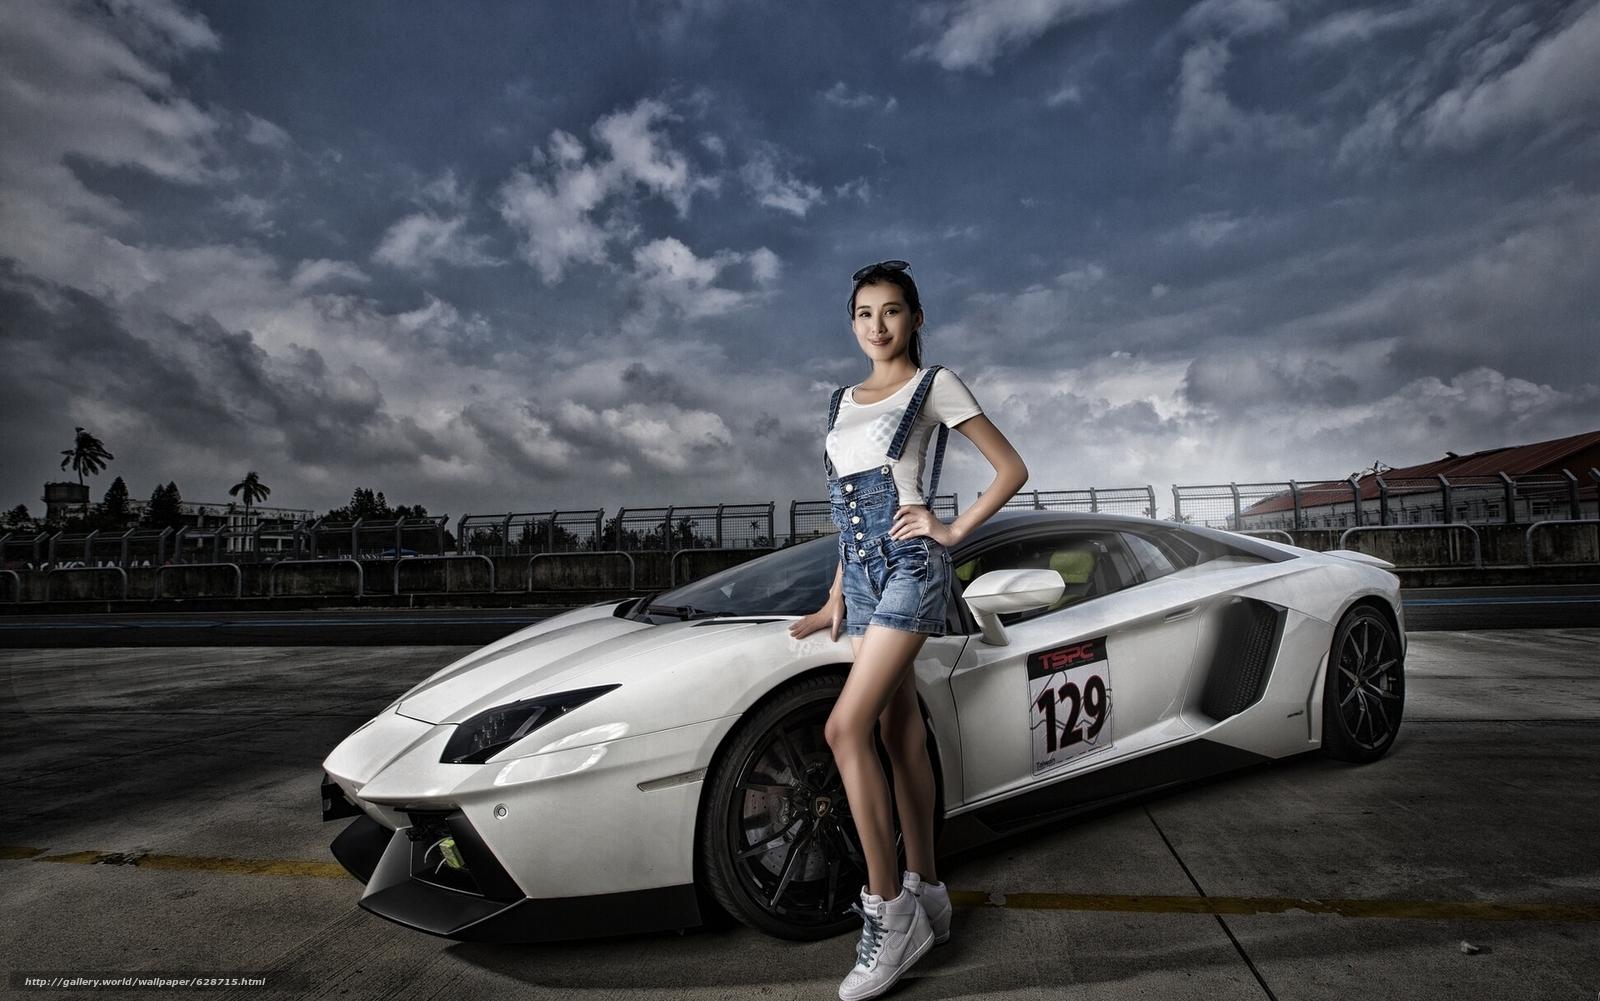 Скачать обои Lamborghini Aventador LP 700-4,  Lamborghini Aventador,  Lamborghini,  Aventador бесплатно для рабочего стола в разрешении 1920x1201 — картинка №628715